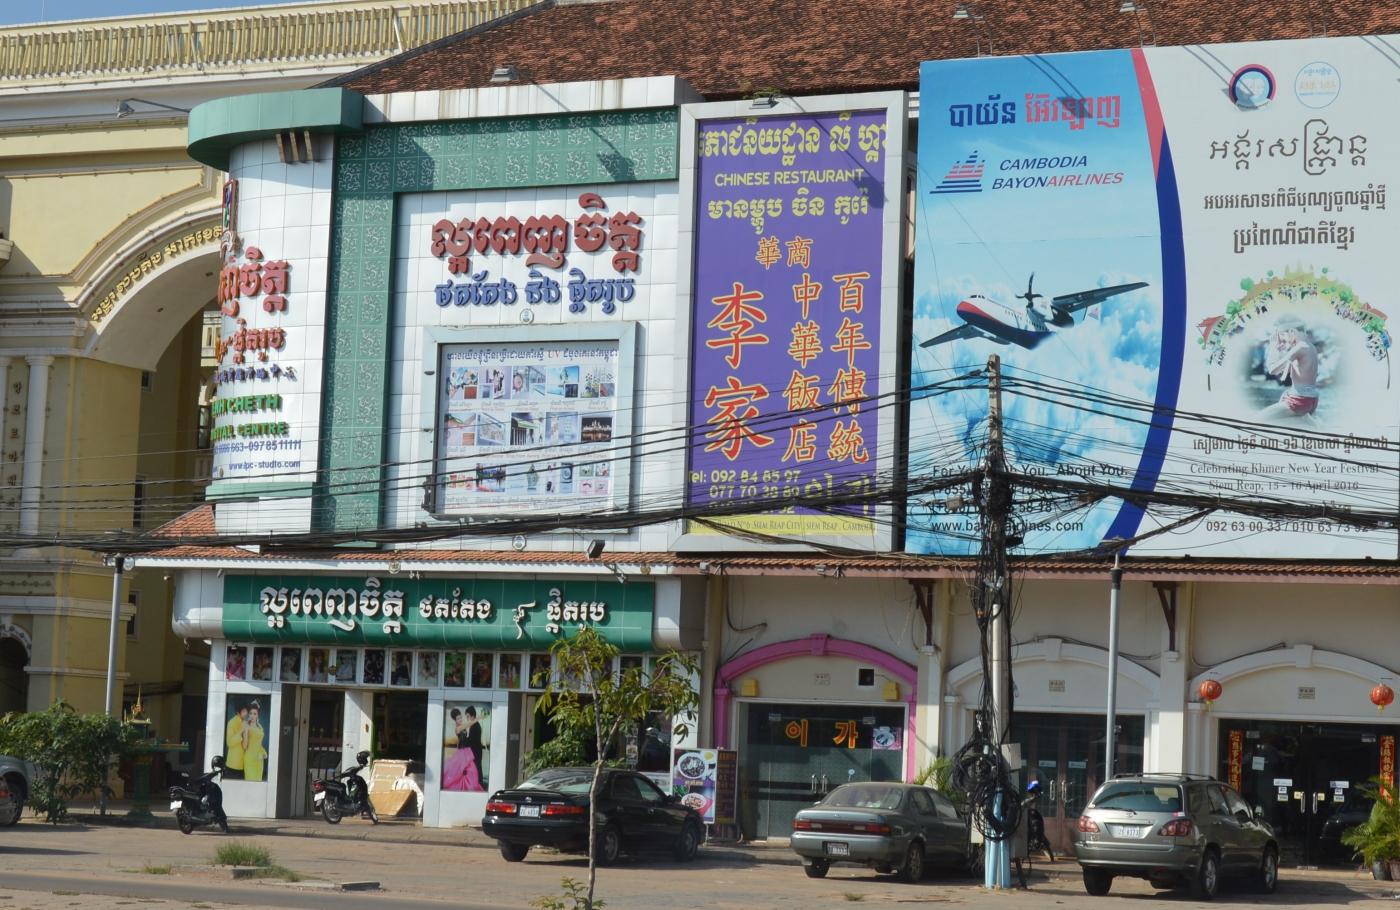 柬埔寨暹粒印象_图1-10